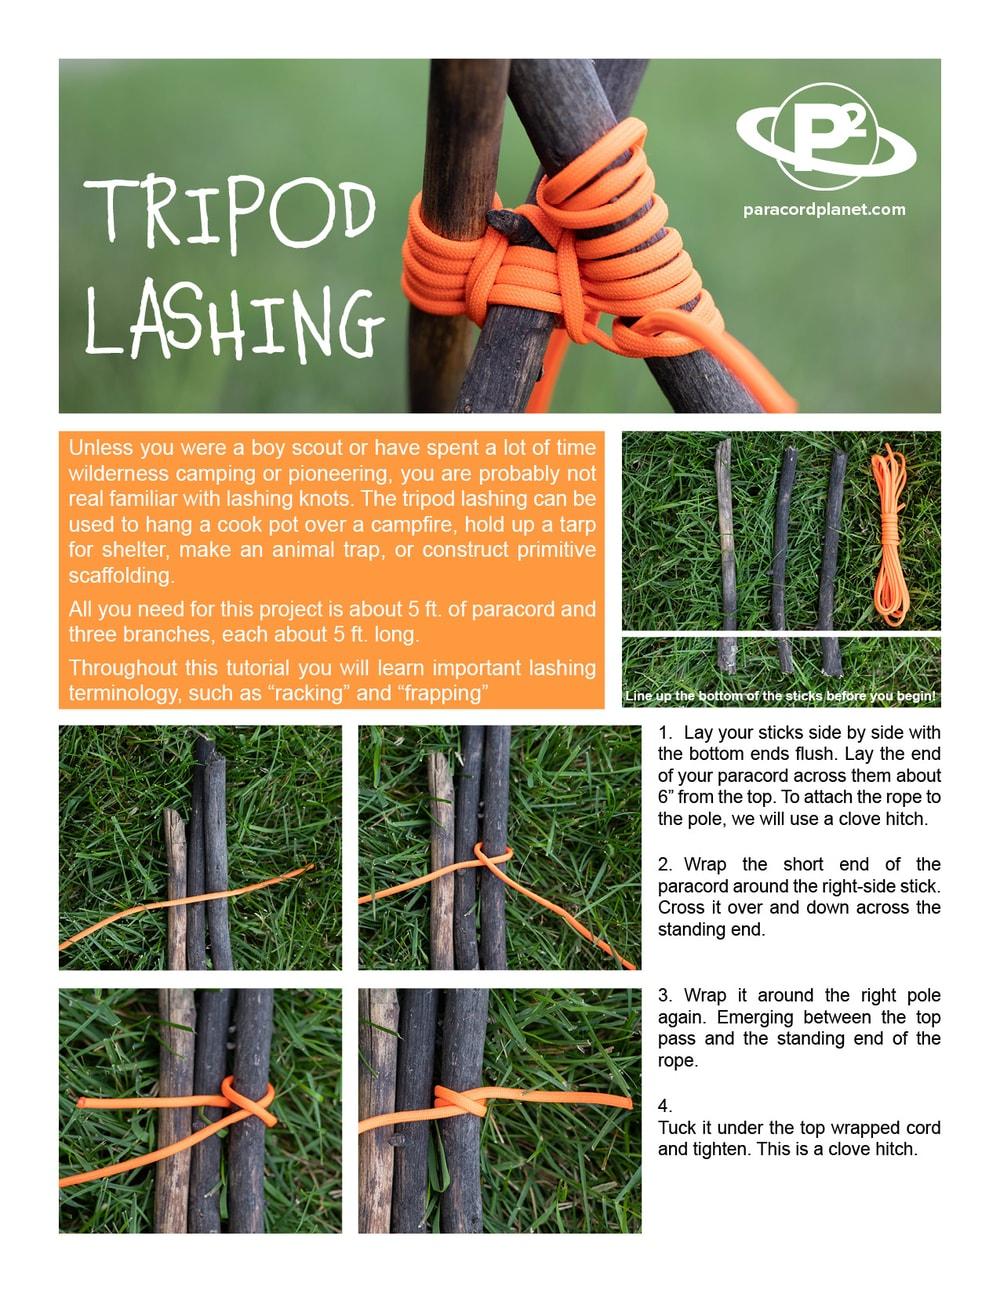 tripod-lashing1